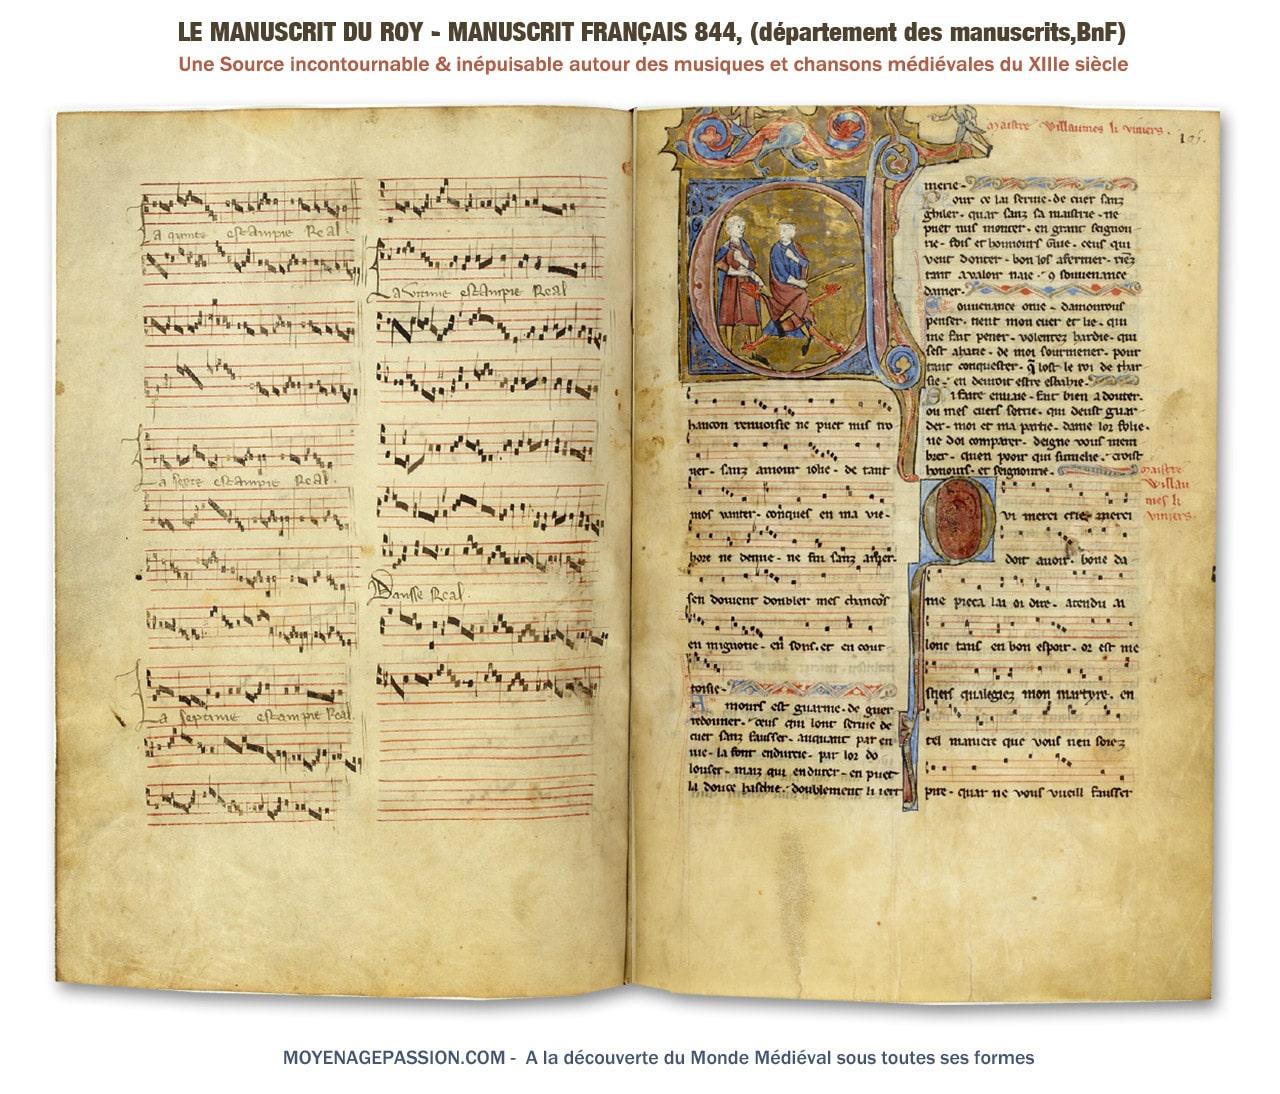 musique_chanson_medievale_estampie_francais_844_manuscrit_chansonnier_du_roy_roi_moyen-age